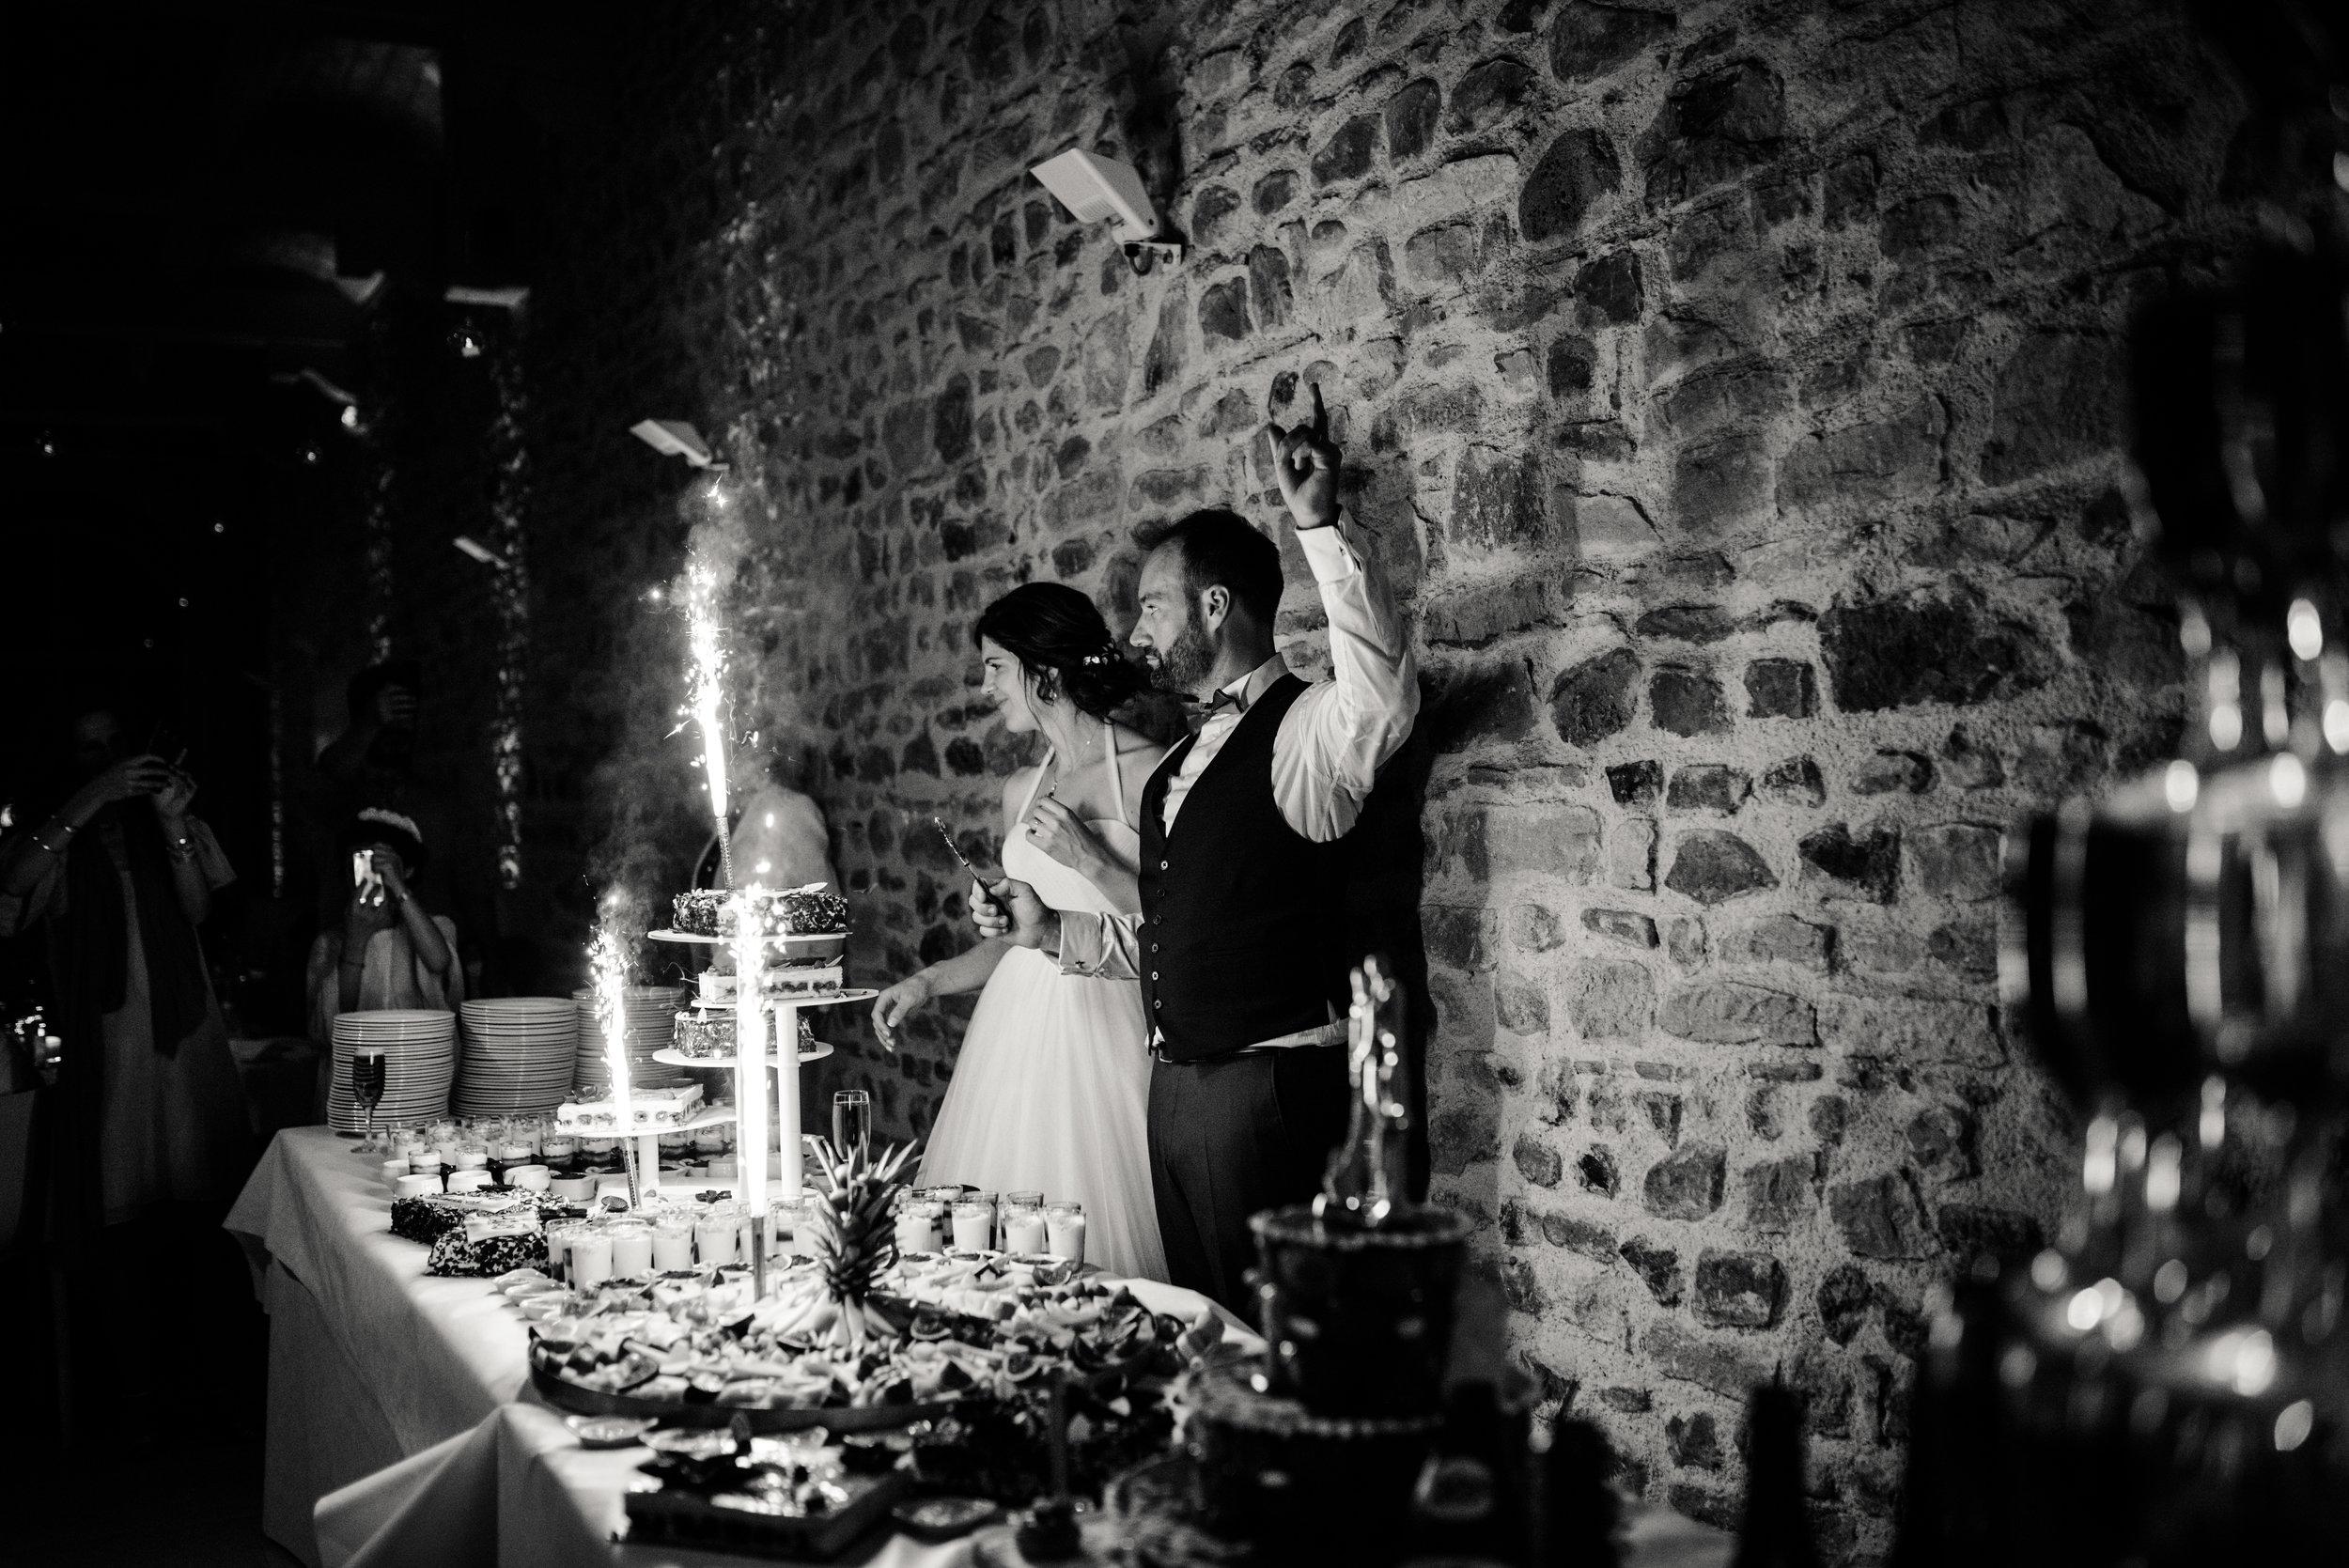 Léa-Fery-photographe-professionnel-lyon-rhone-alpes-portrait-creation-mariage-evenement-evenementiel-famille--250.jpg